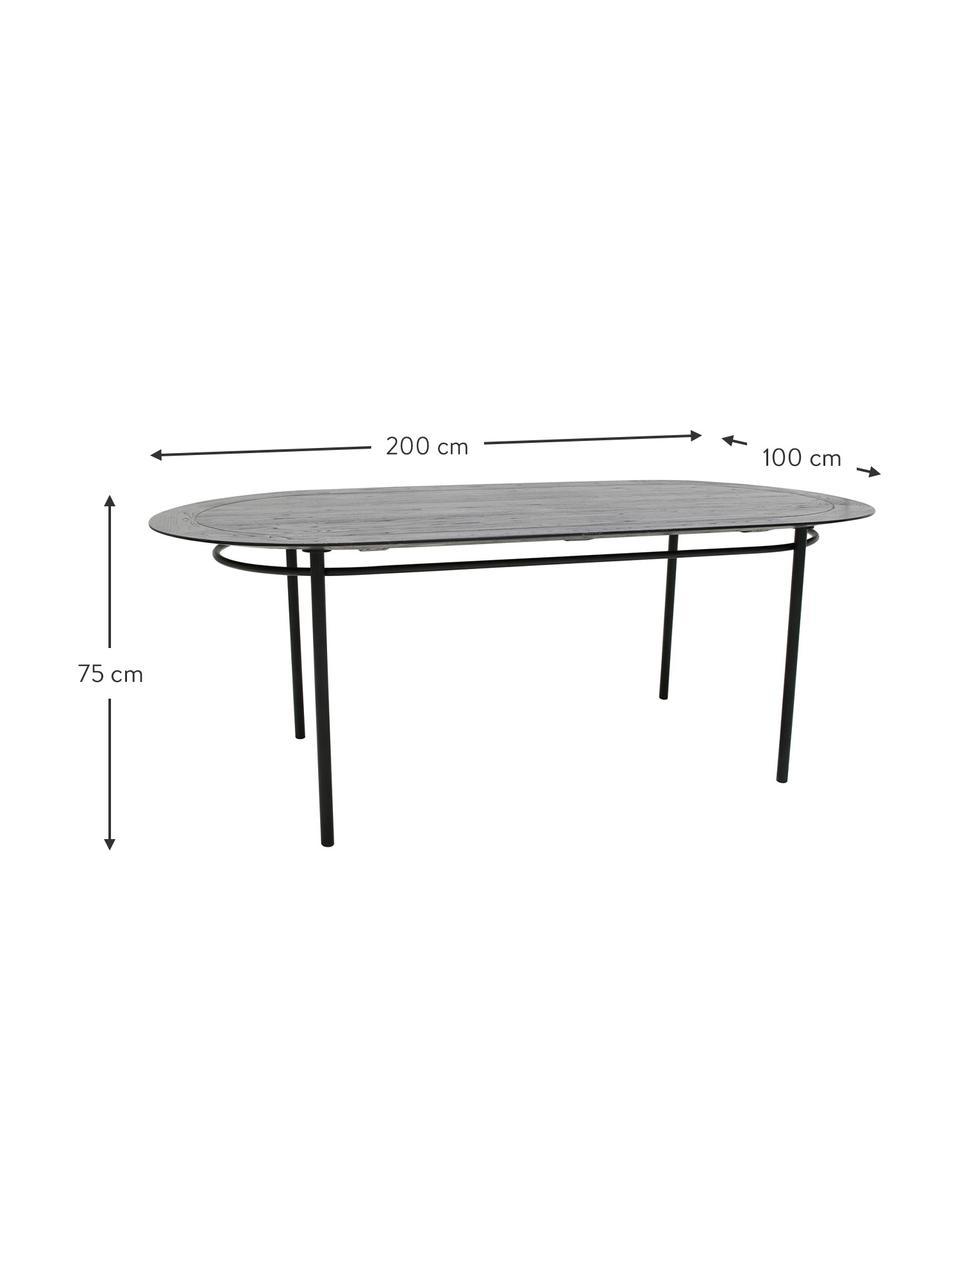 Ovaler Esstisch Ringding mit Massivholzplatte, 200 x 100 cm, Tischplatte: Sungkai Holz, lackiert, Beine: Metall, beschichtet, Schwarz, B 200 x T 100 cm